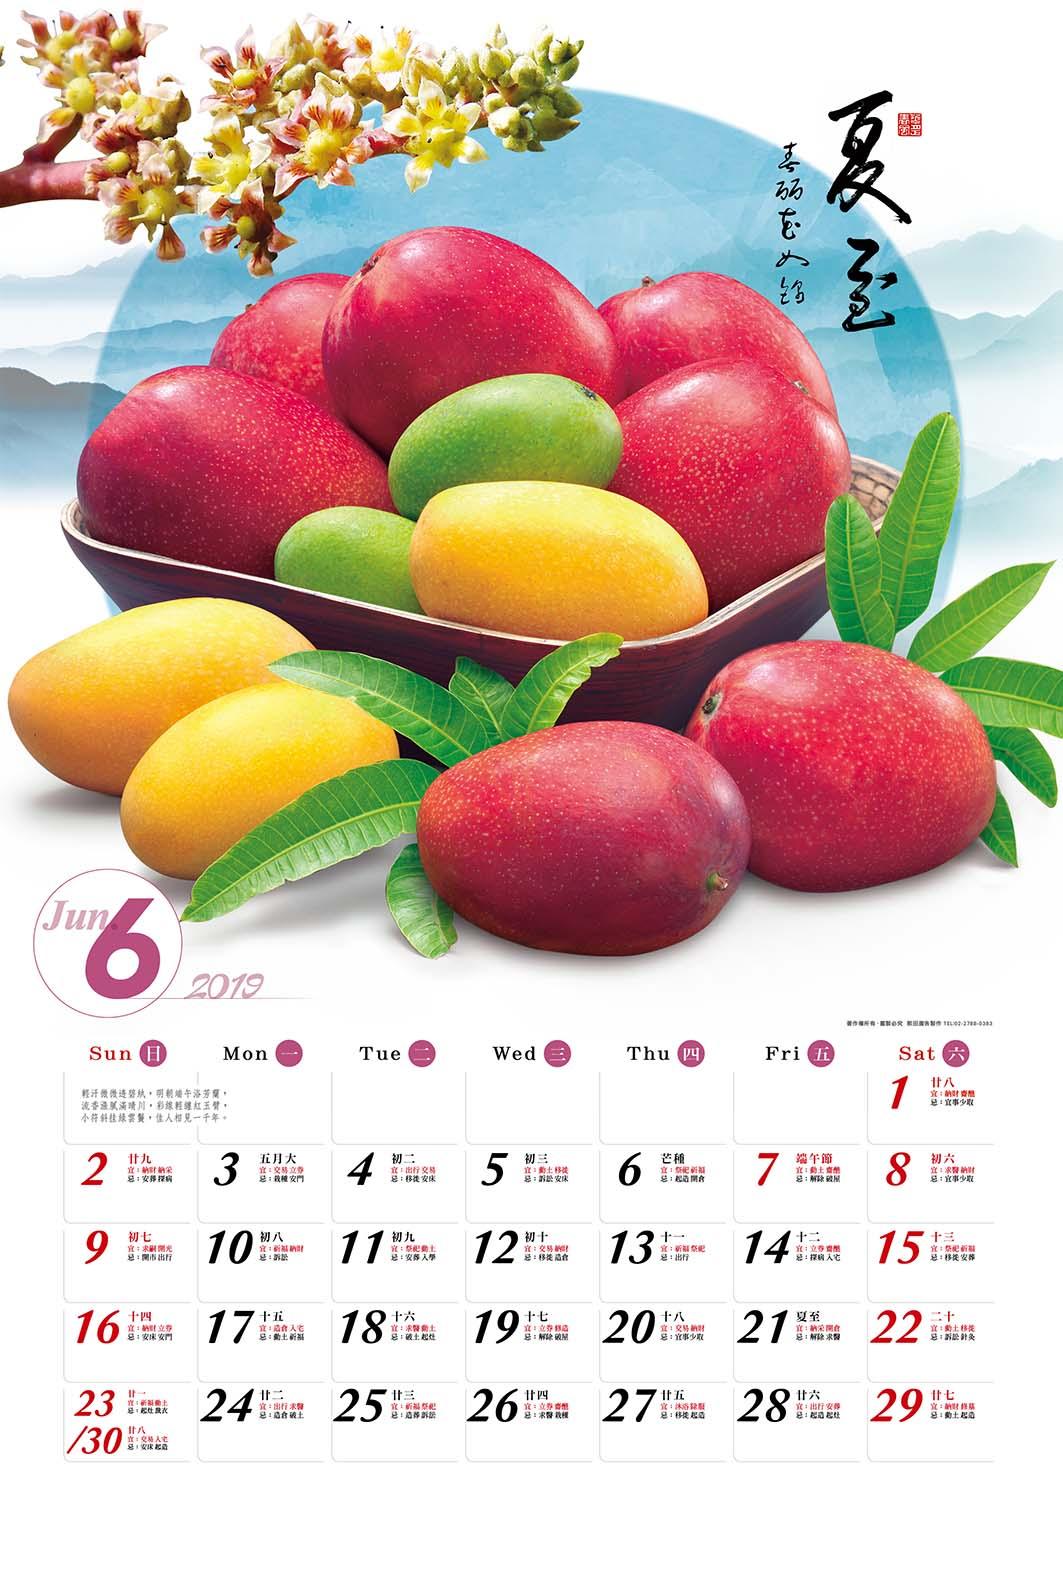 A02_水果月曆封面_6月.jpg